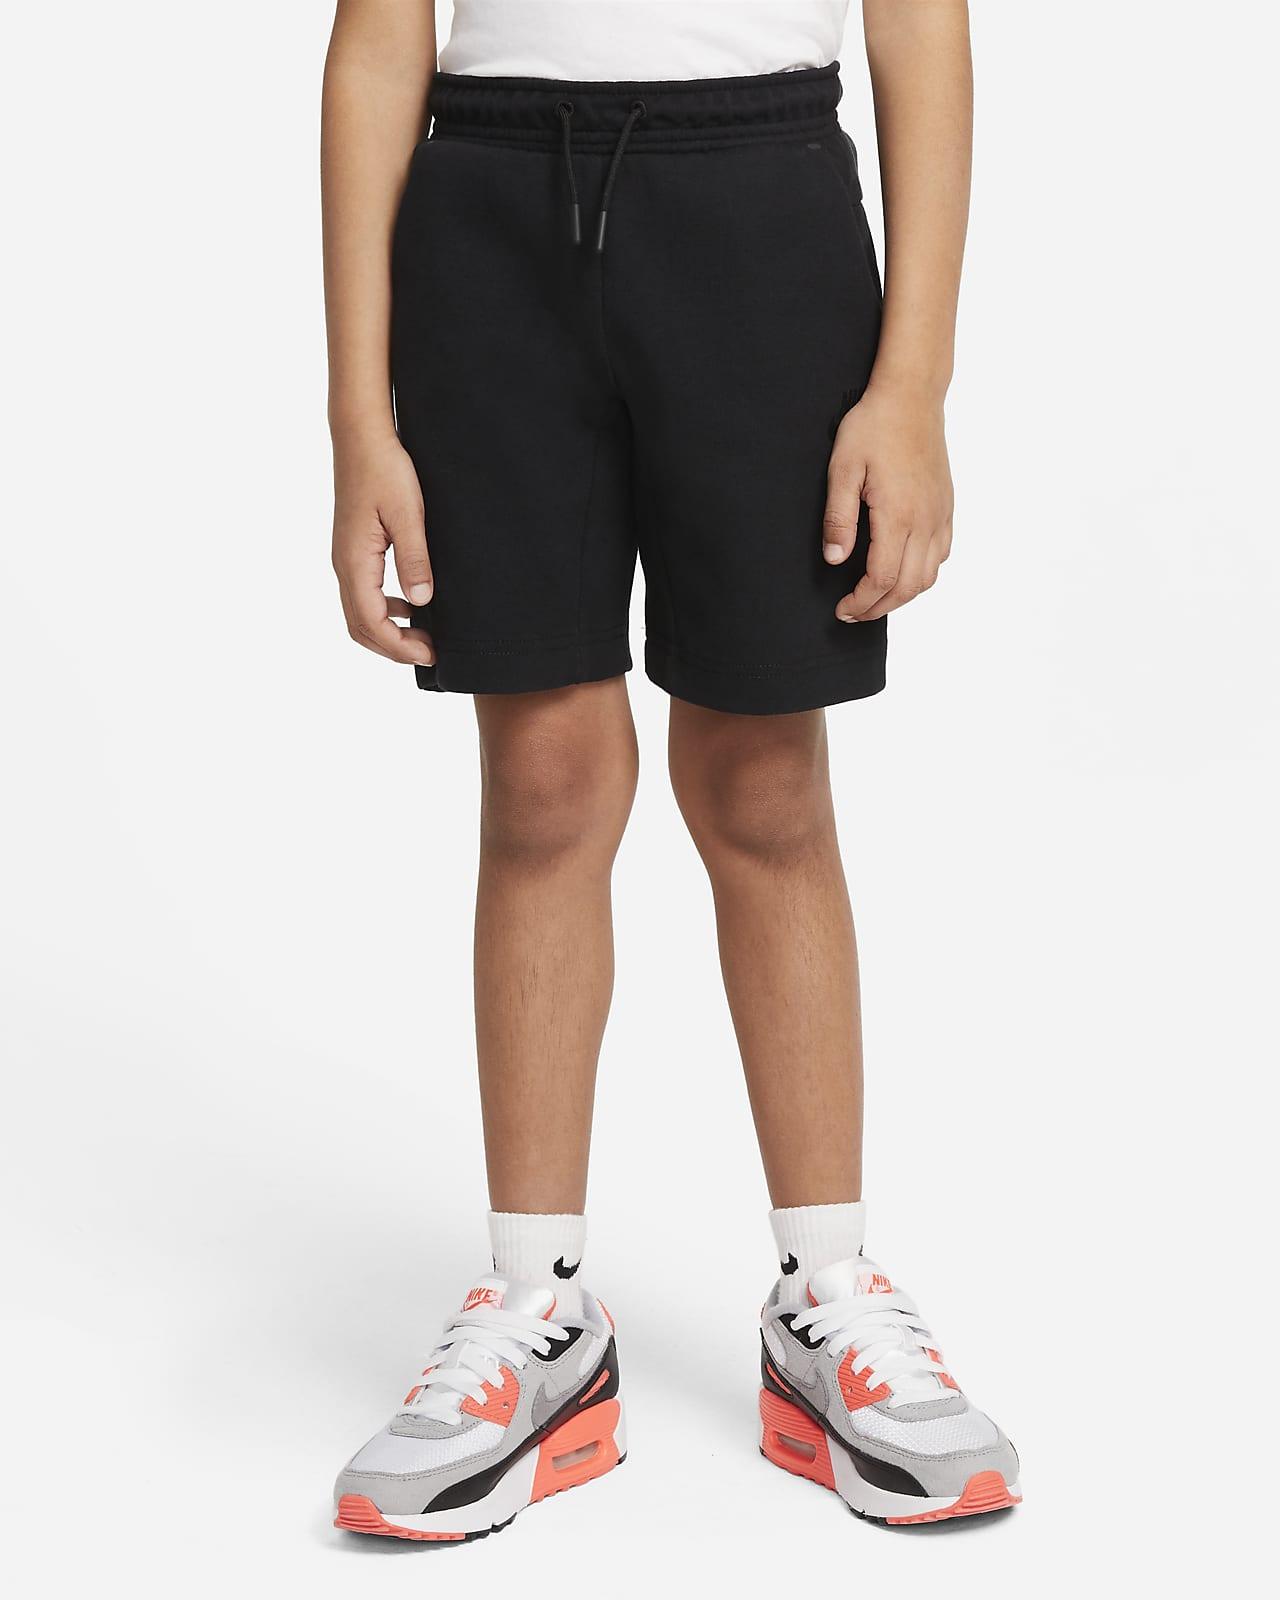 Nike Sportswear Tech Fleece Little Kids' Shorts